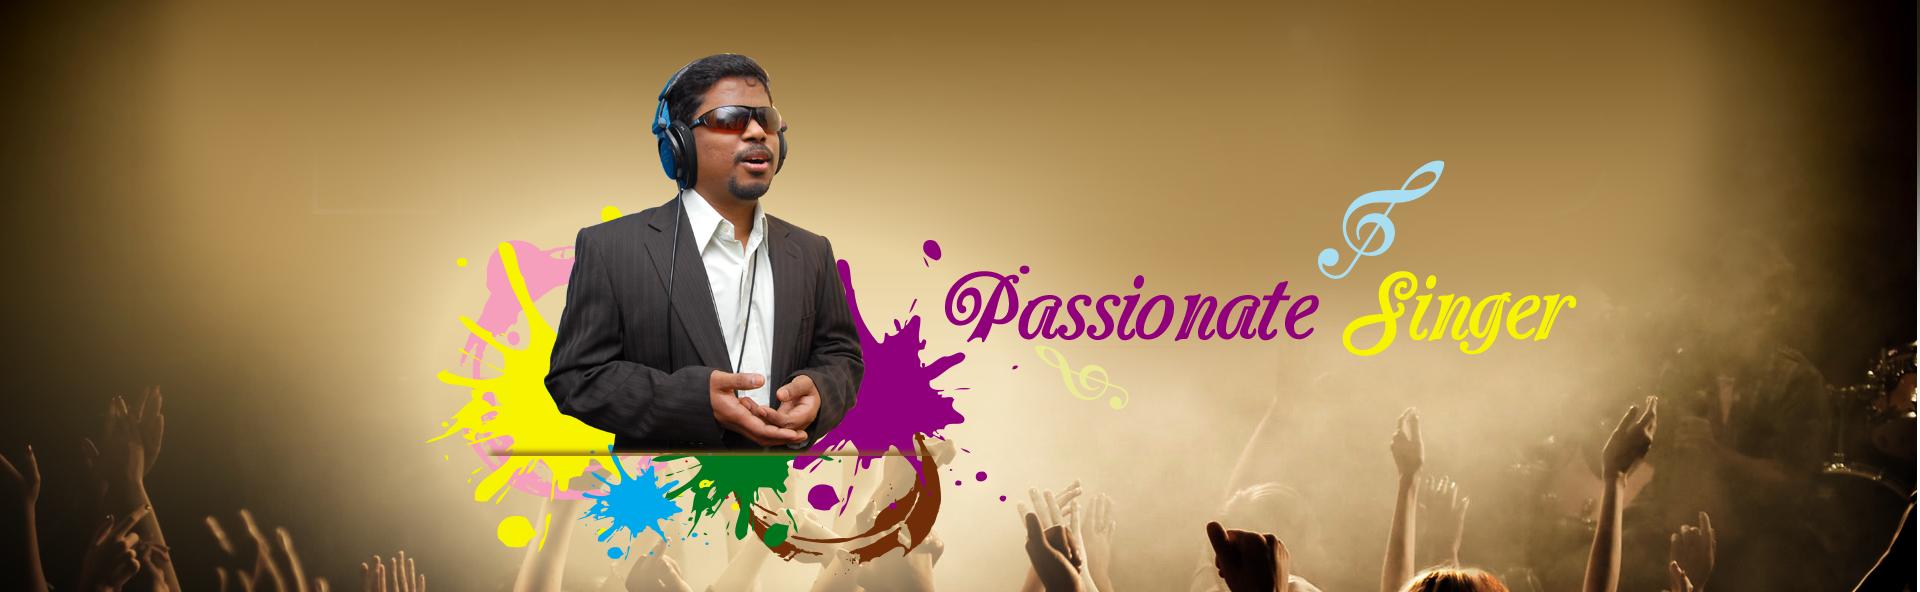 passionate-singer